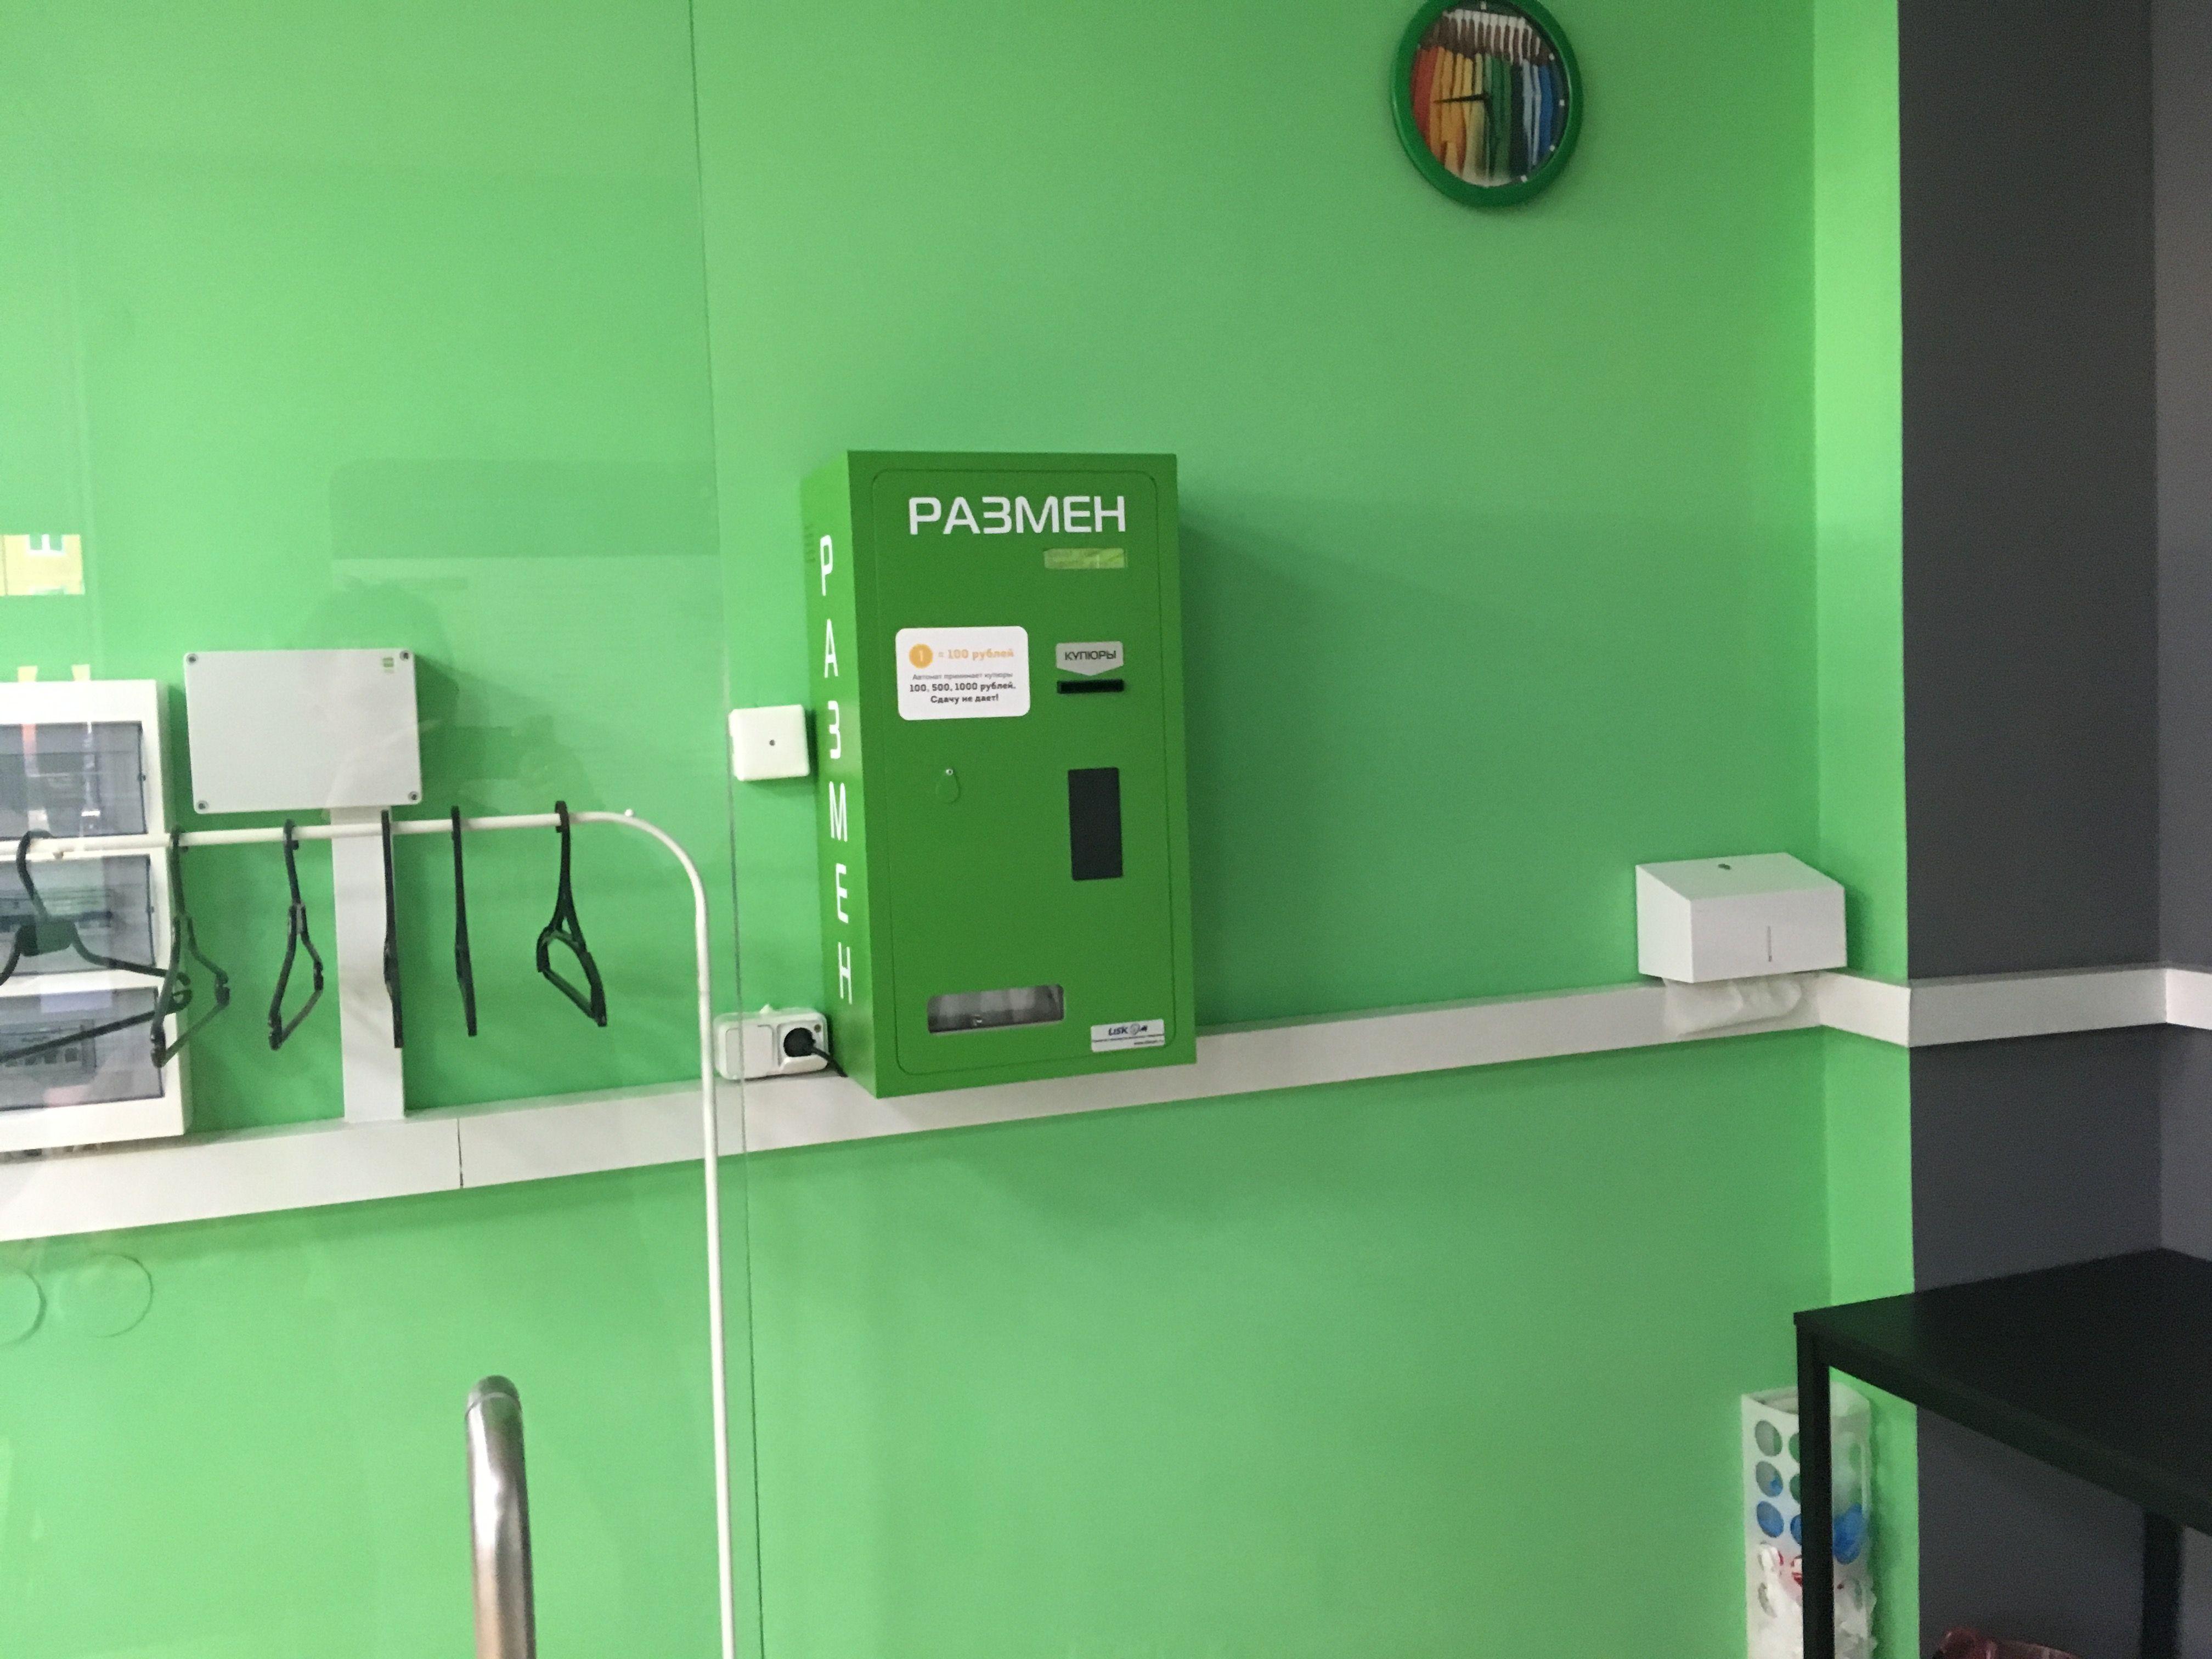 Автомат для размена жетонов